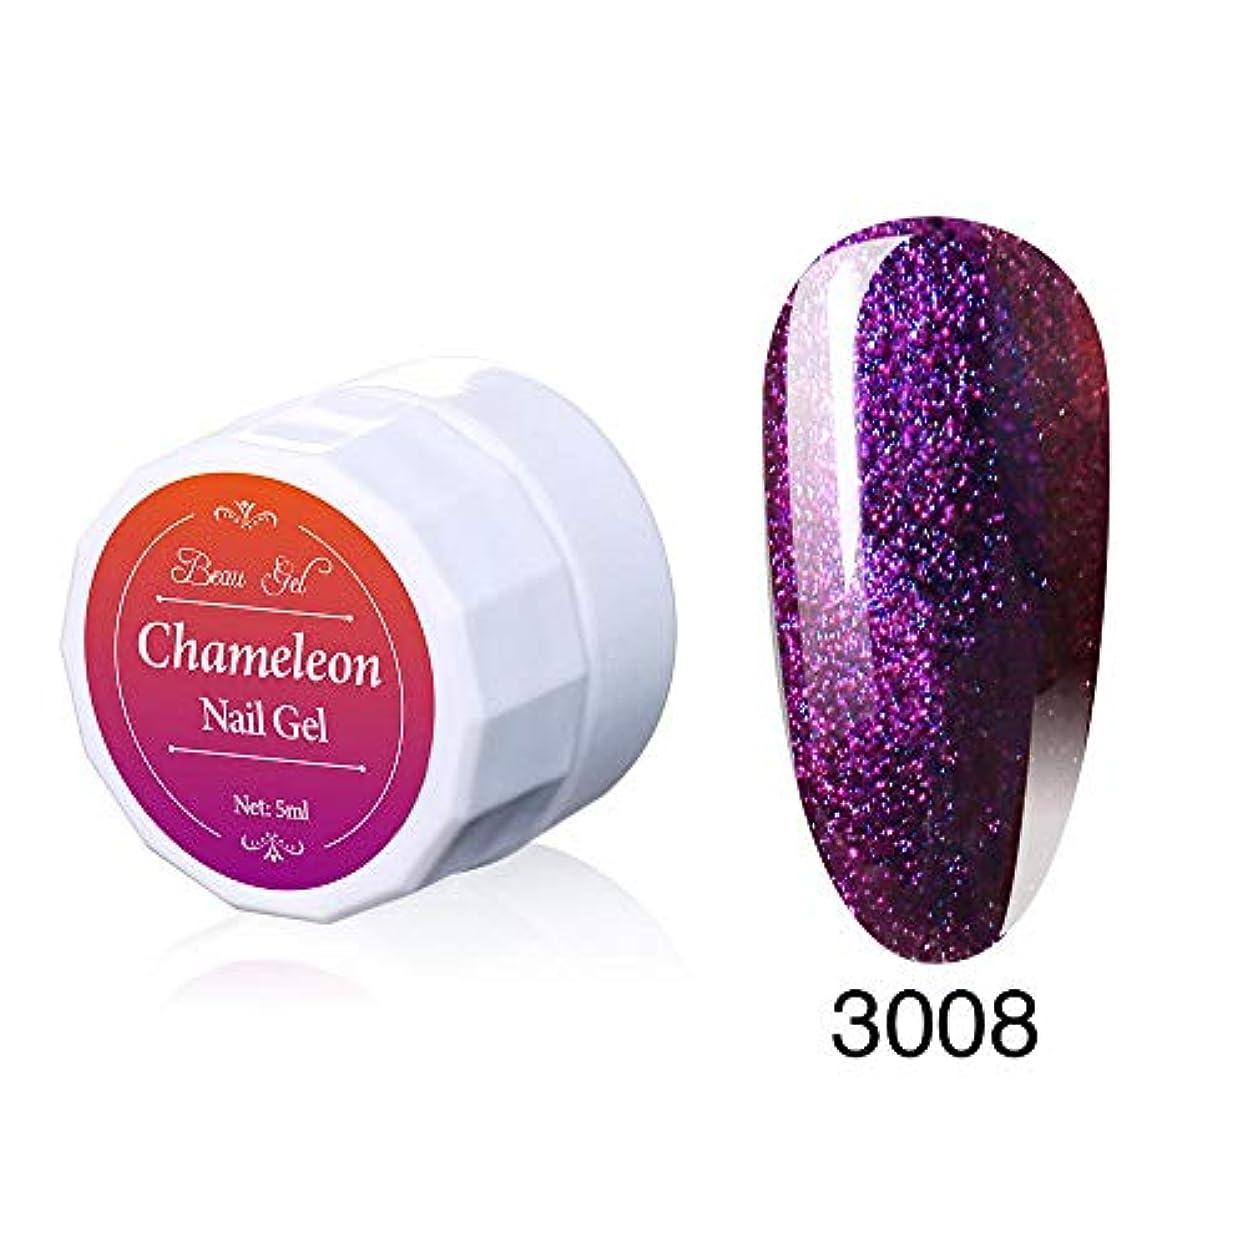 裁定金曜日含むBeau gel ジェルネイル カラージェル 変色系 1色入り 5ml-3008